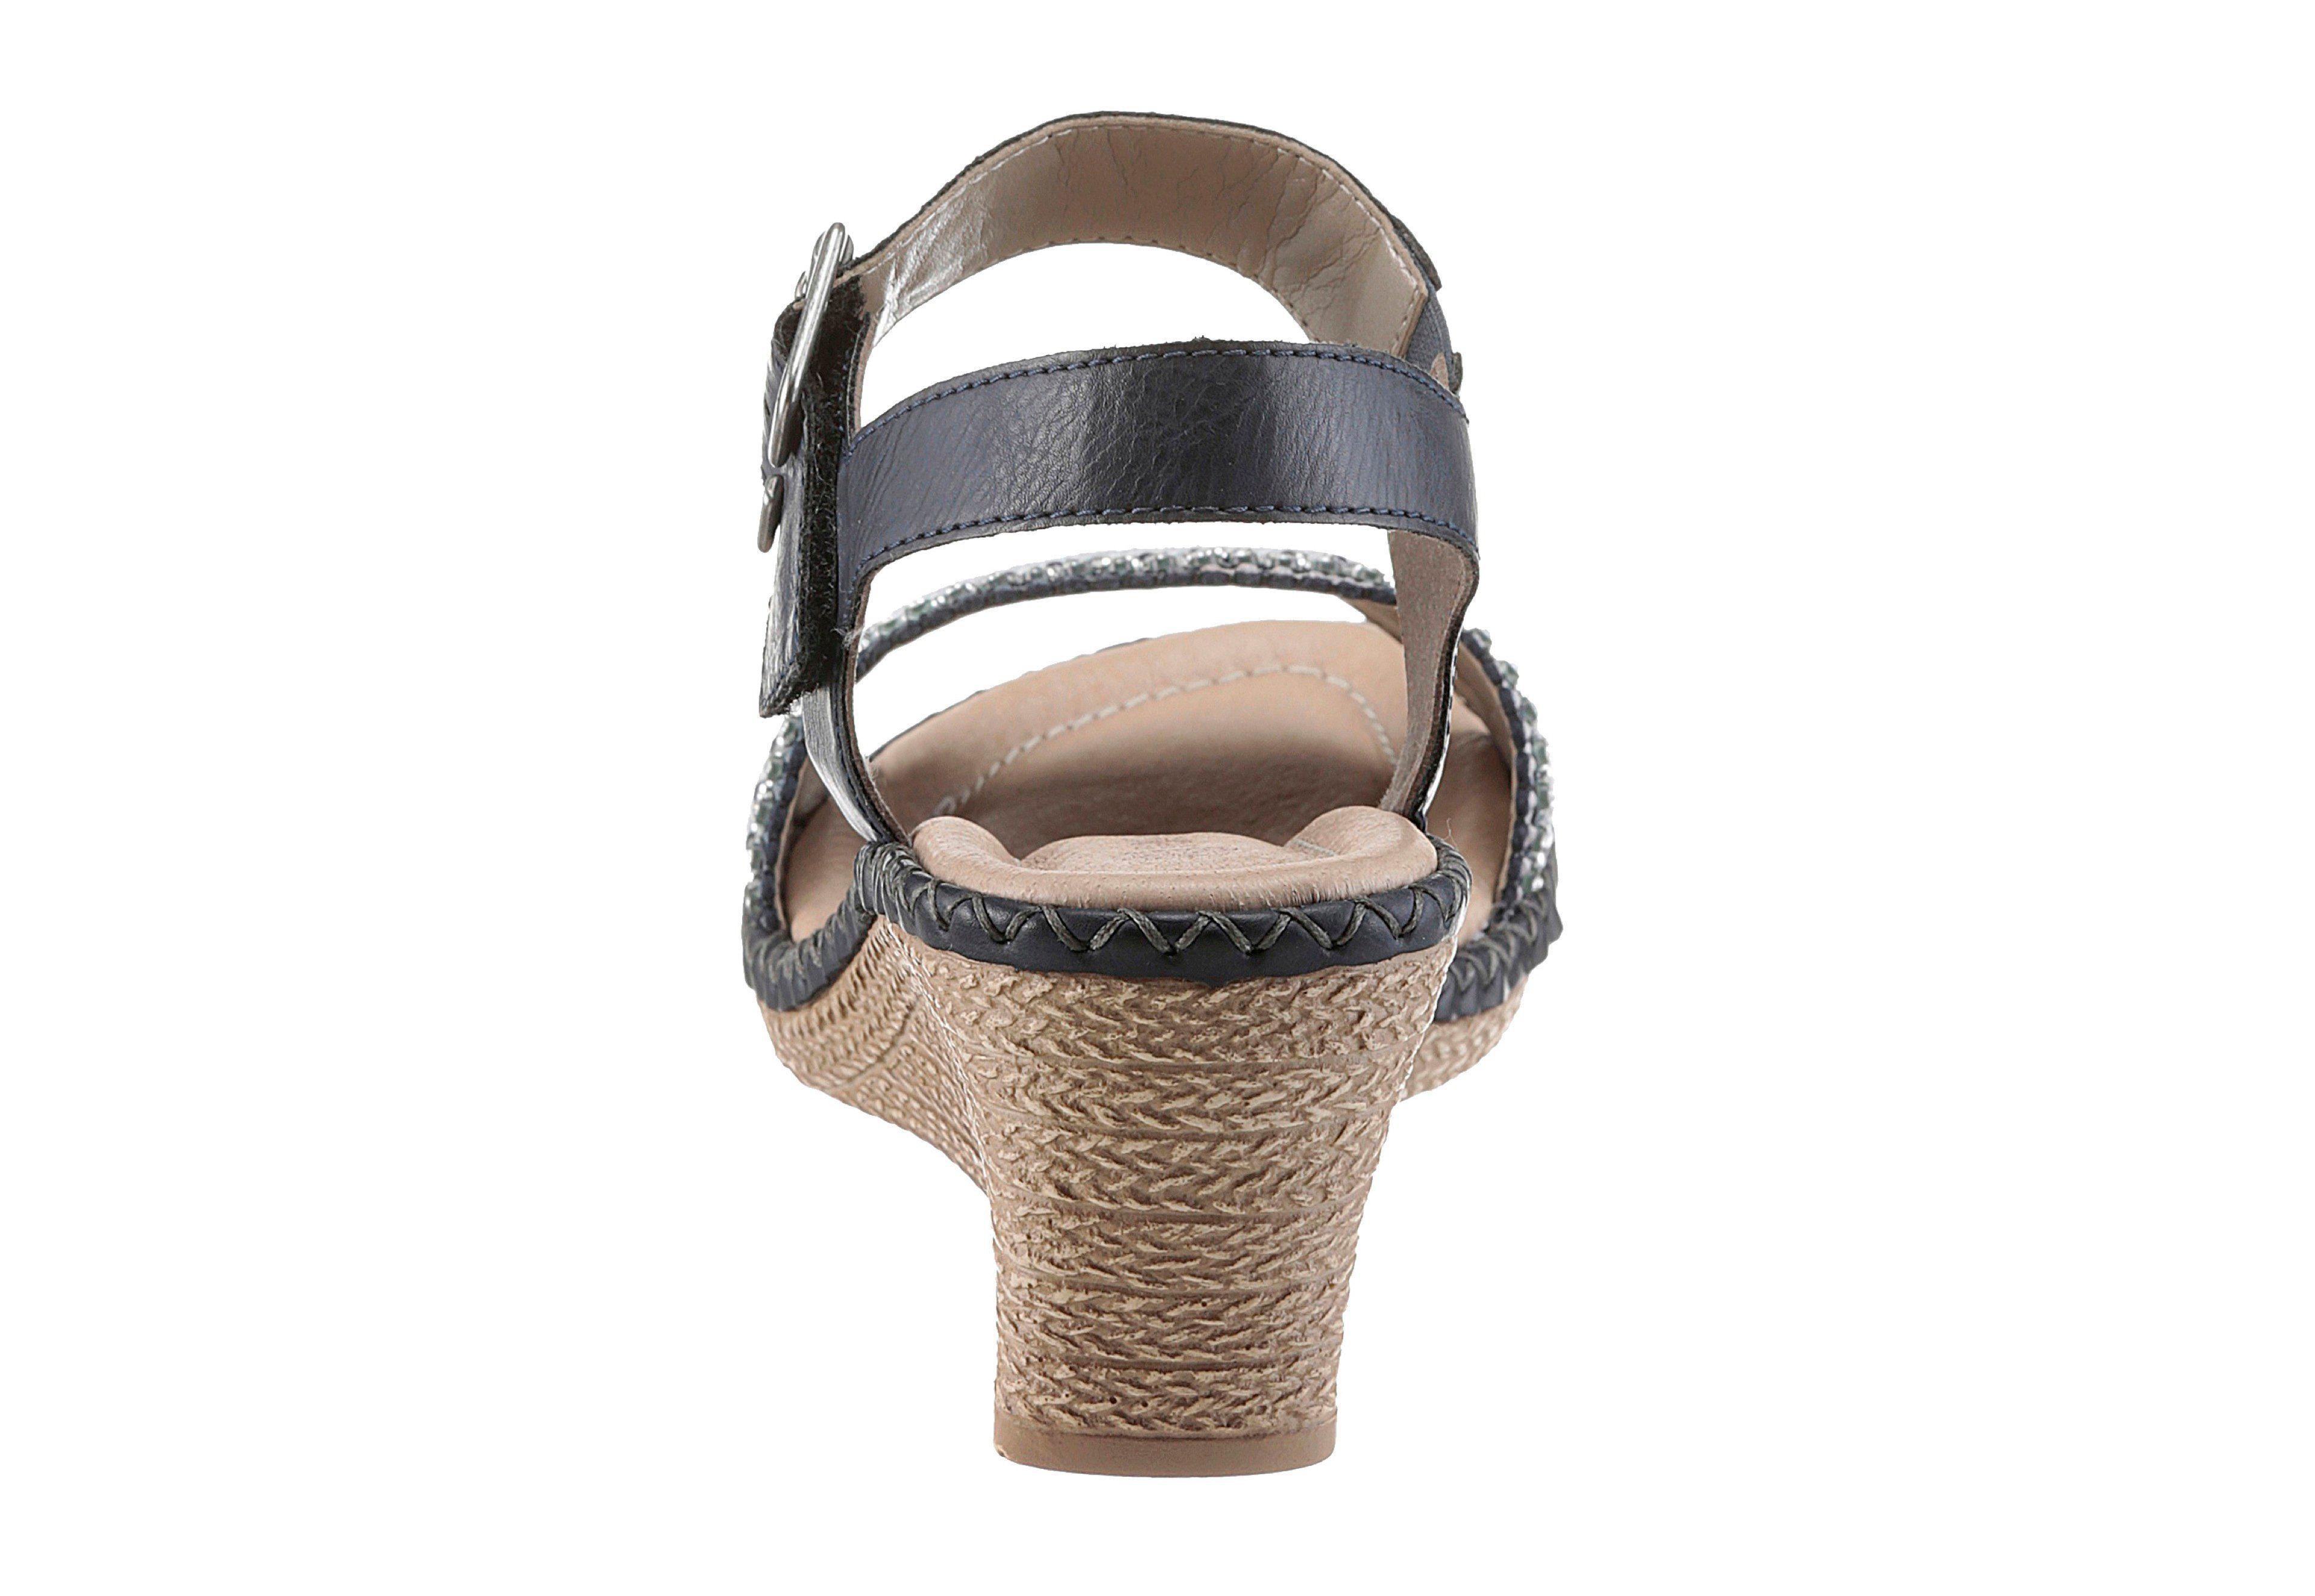 Sandales Compensées Remonte kfLNHwlUWS